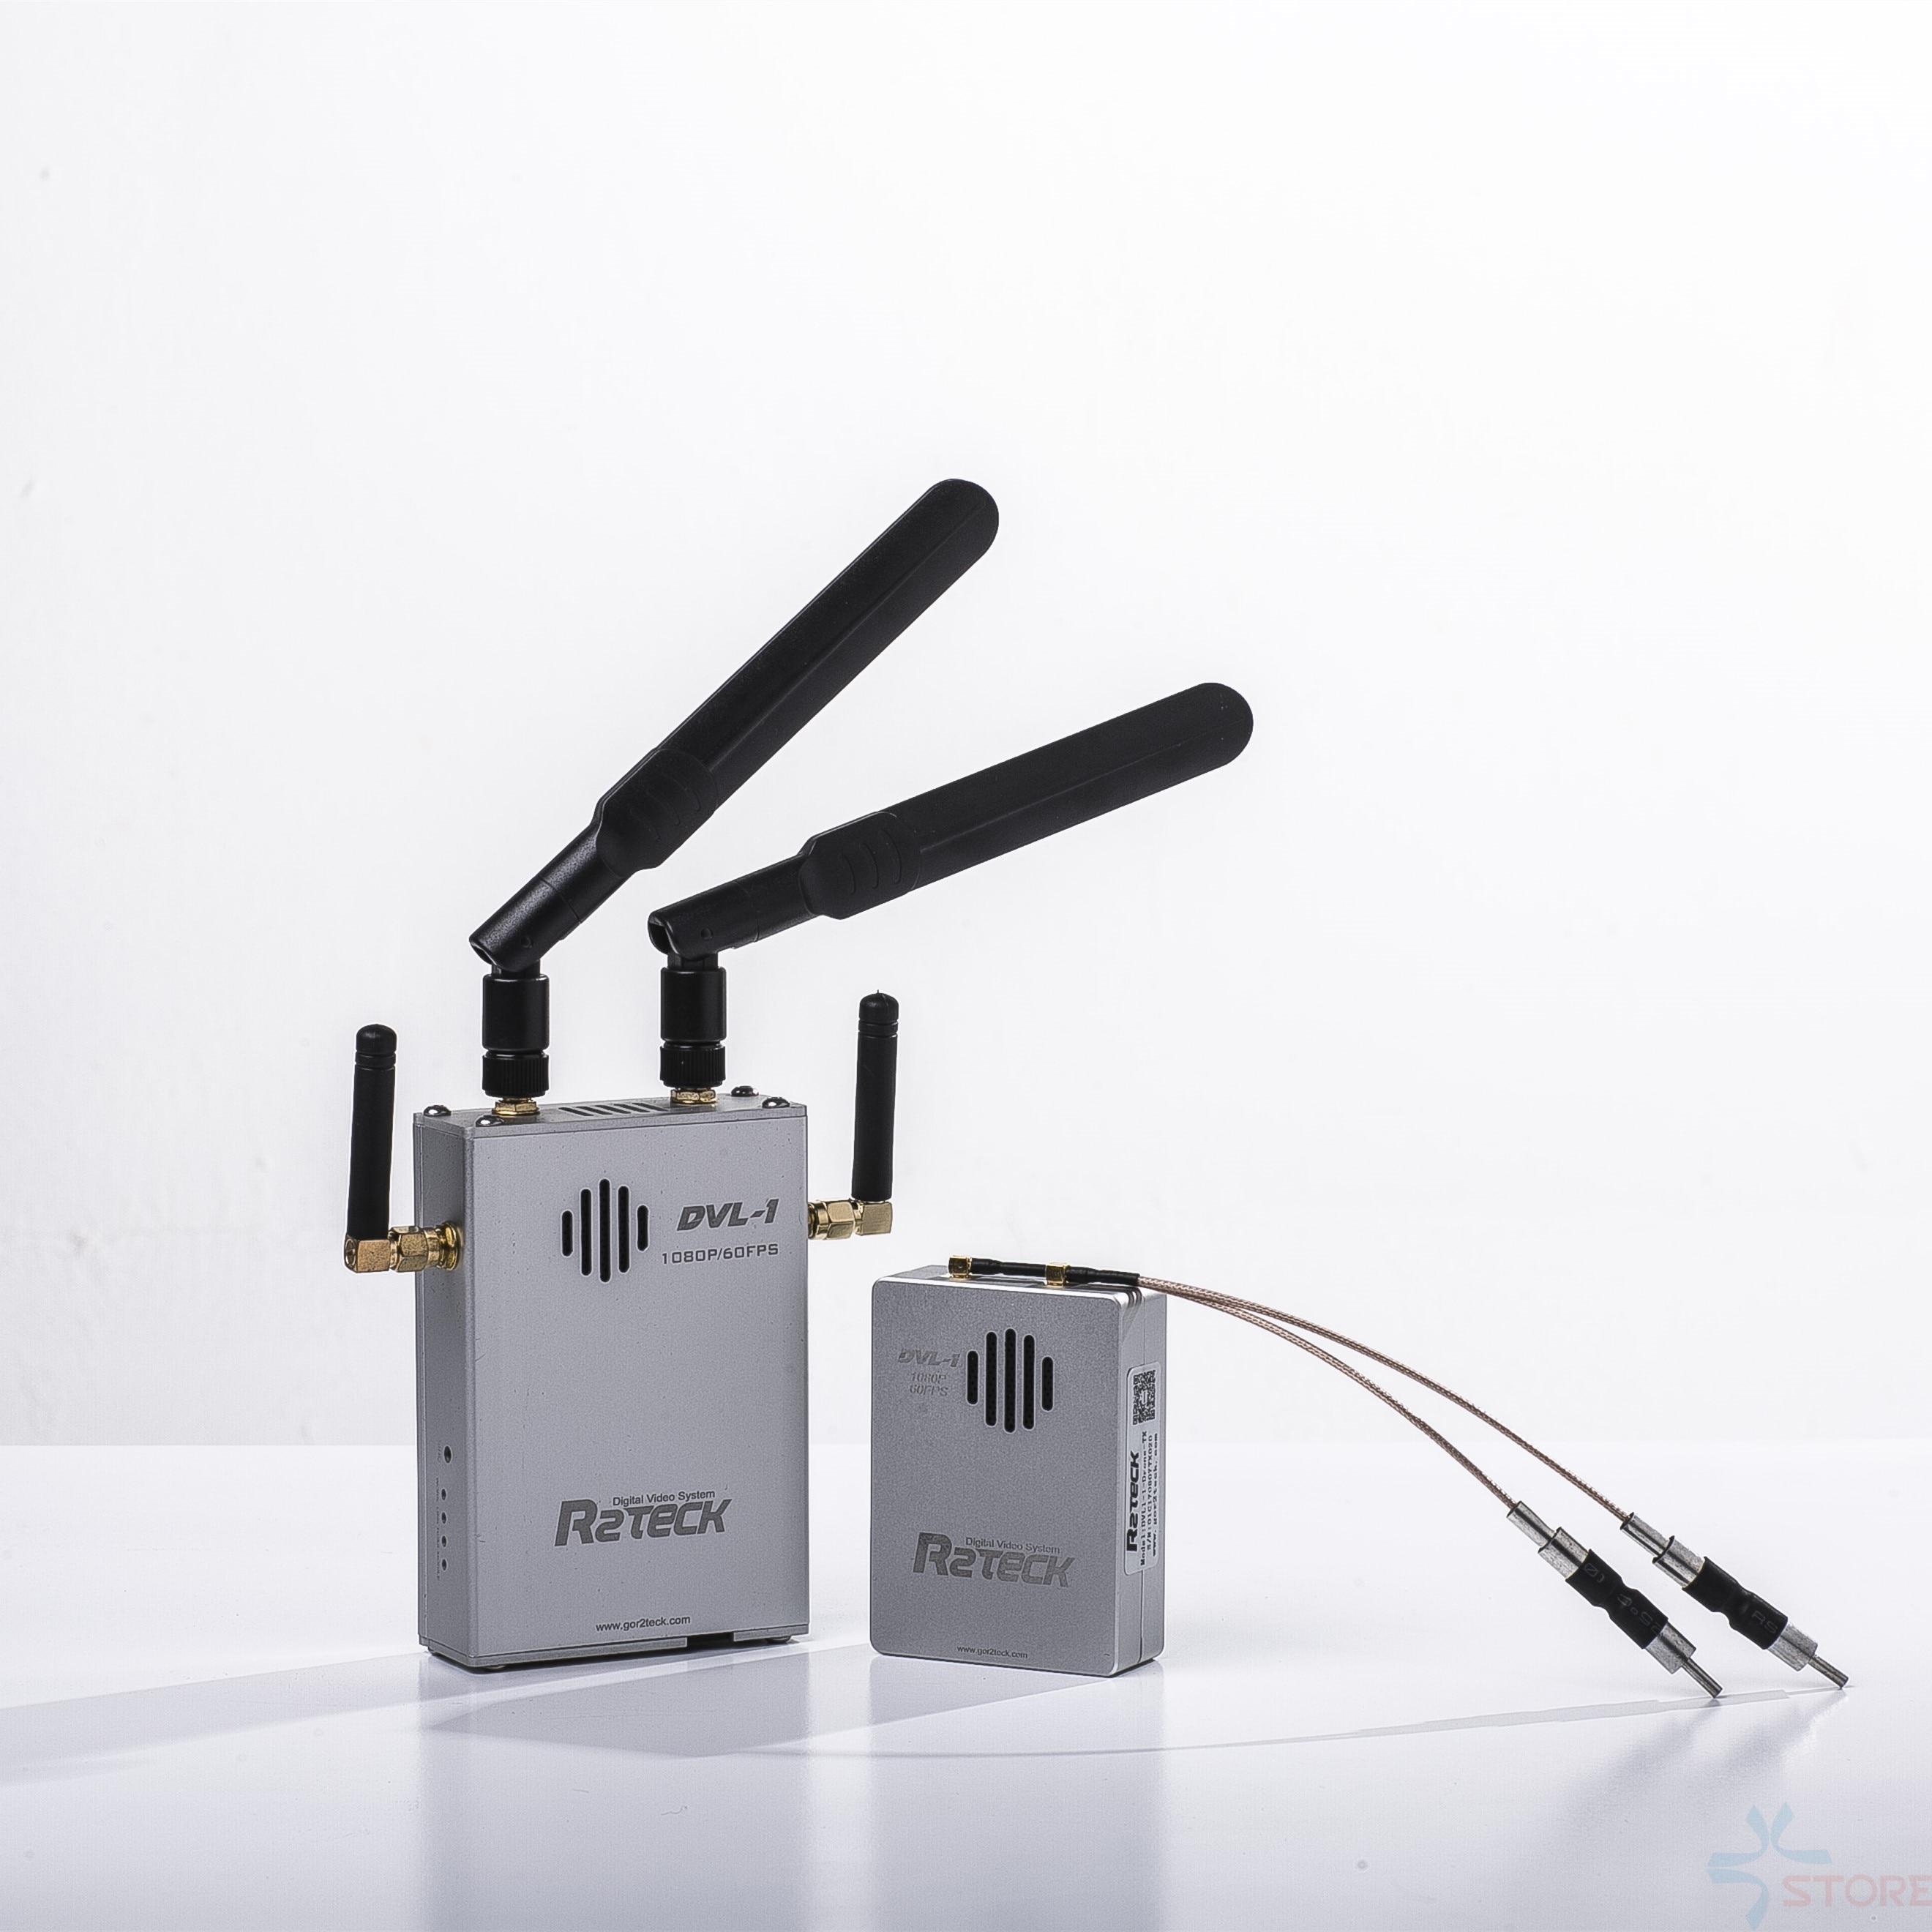 DVL1 5G HDMI sistema de transmisión de vídeo digital R2Teck sistema de enlace descendente de vídeo Digital